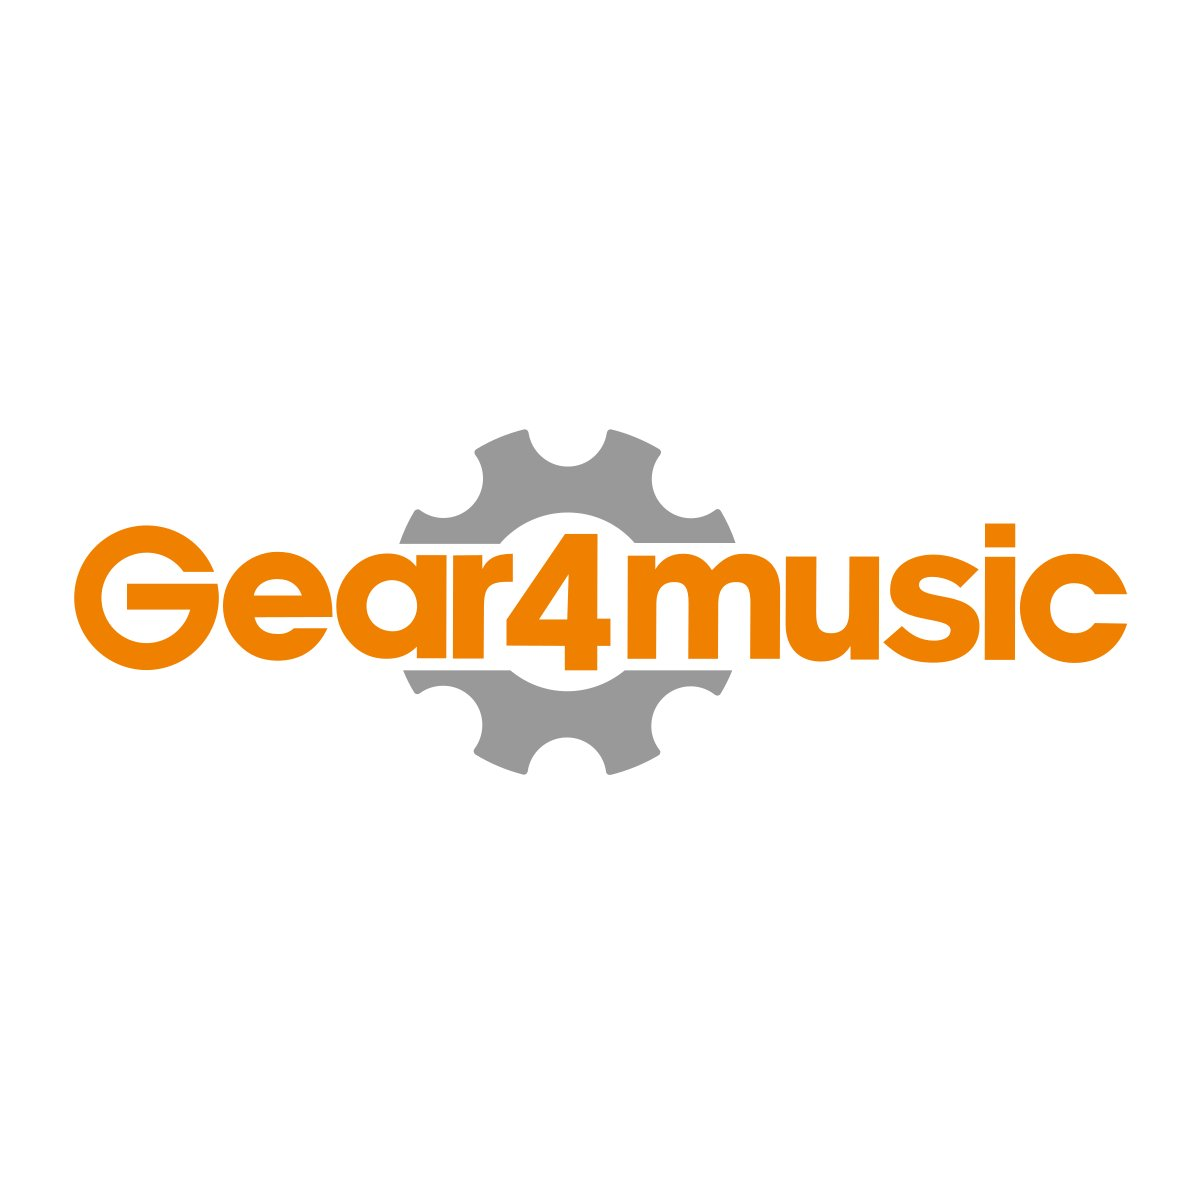 1/2 Größe gepolsterte Konzertgitarre Gig-Tasche von Gear4music